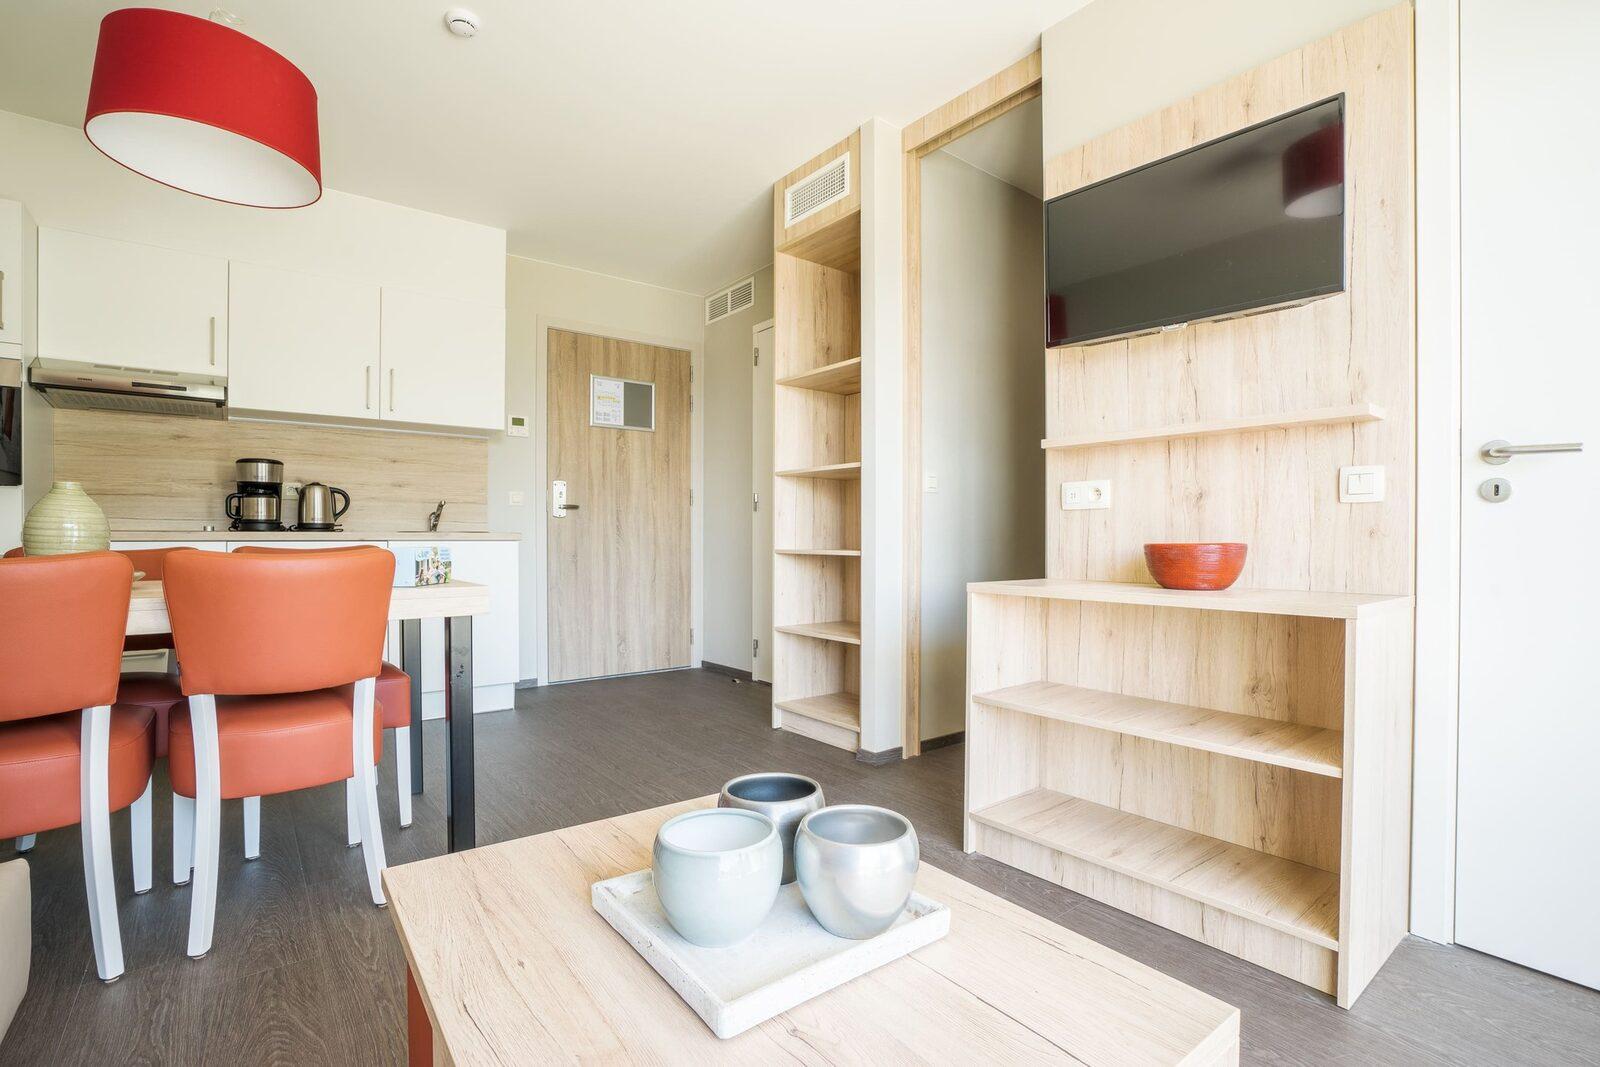 Comfort Suite - 6p | 2 Bedrooms - Sofa bed